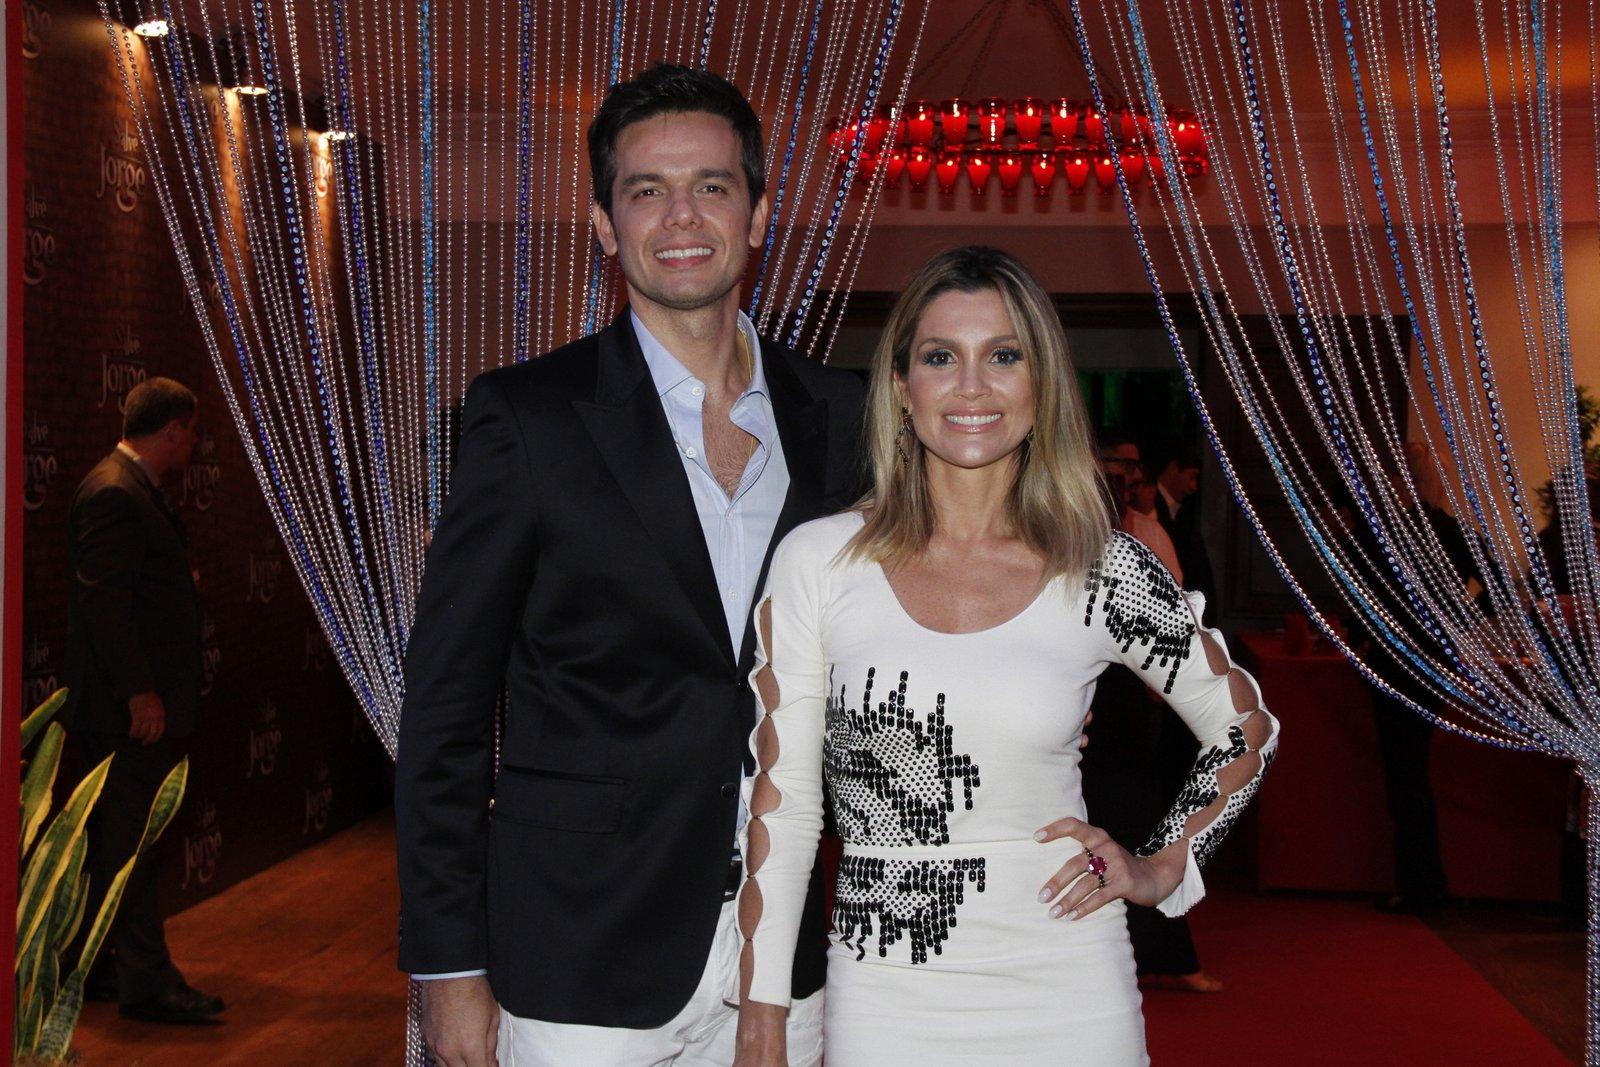 Otaviano Costa e Flávia Alessandra